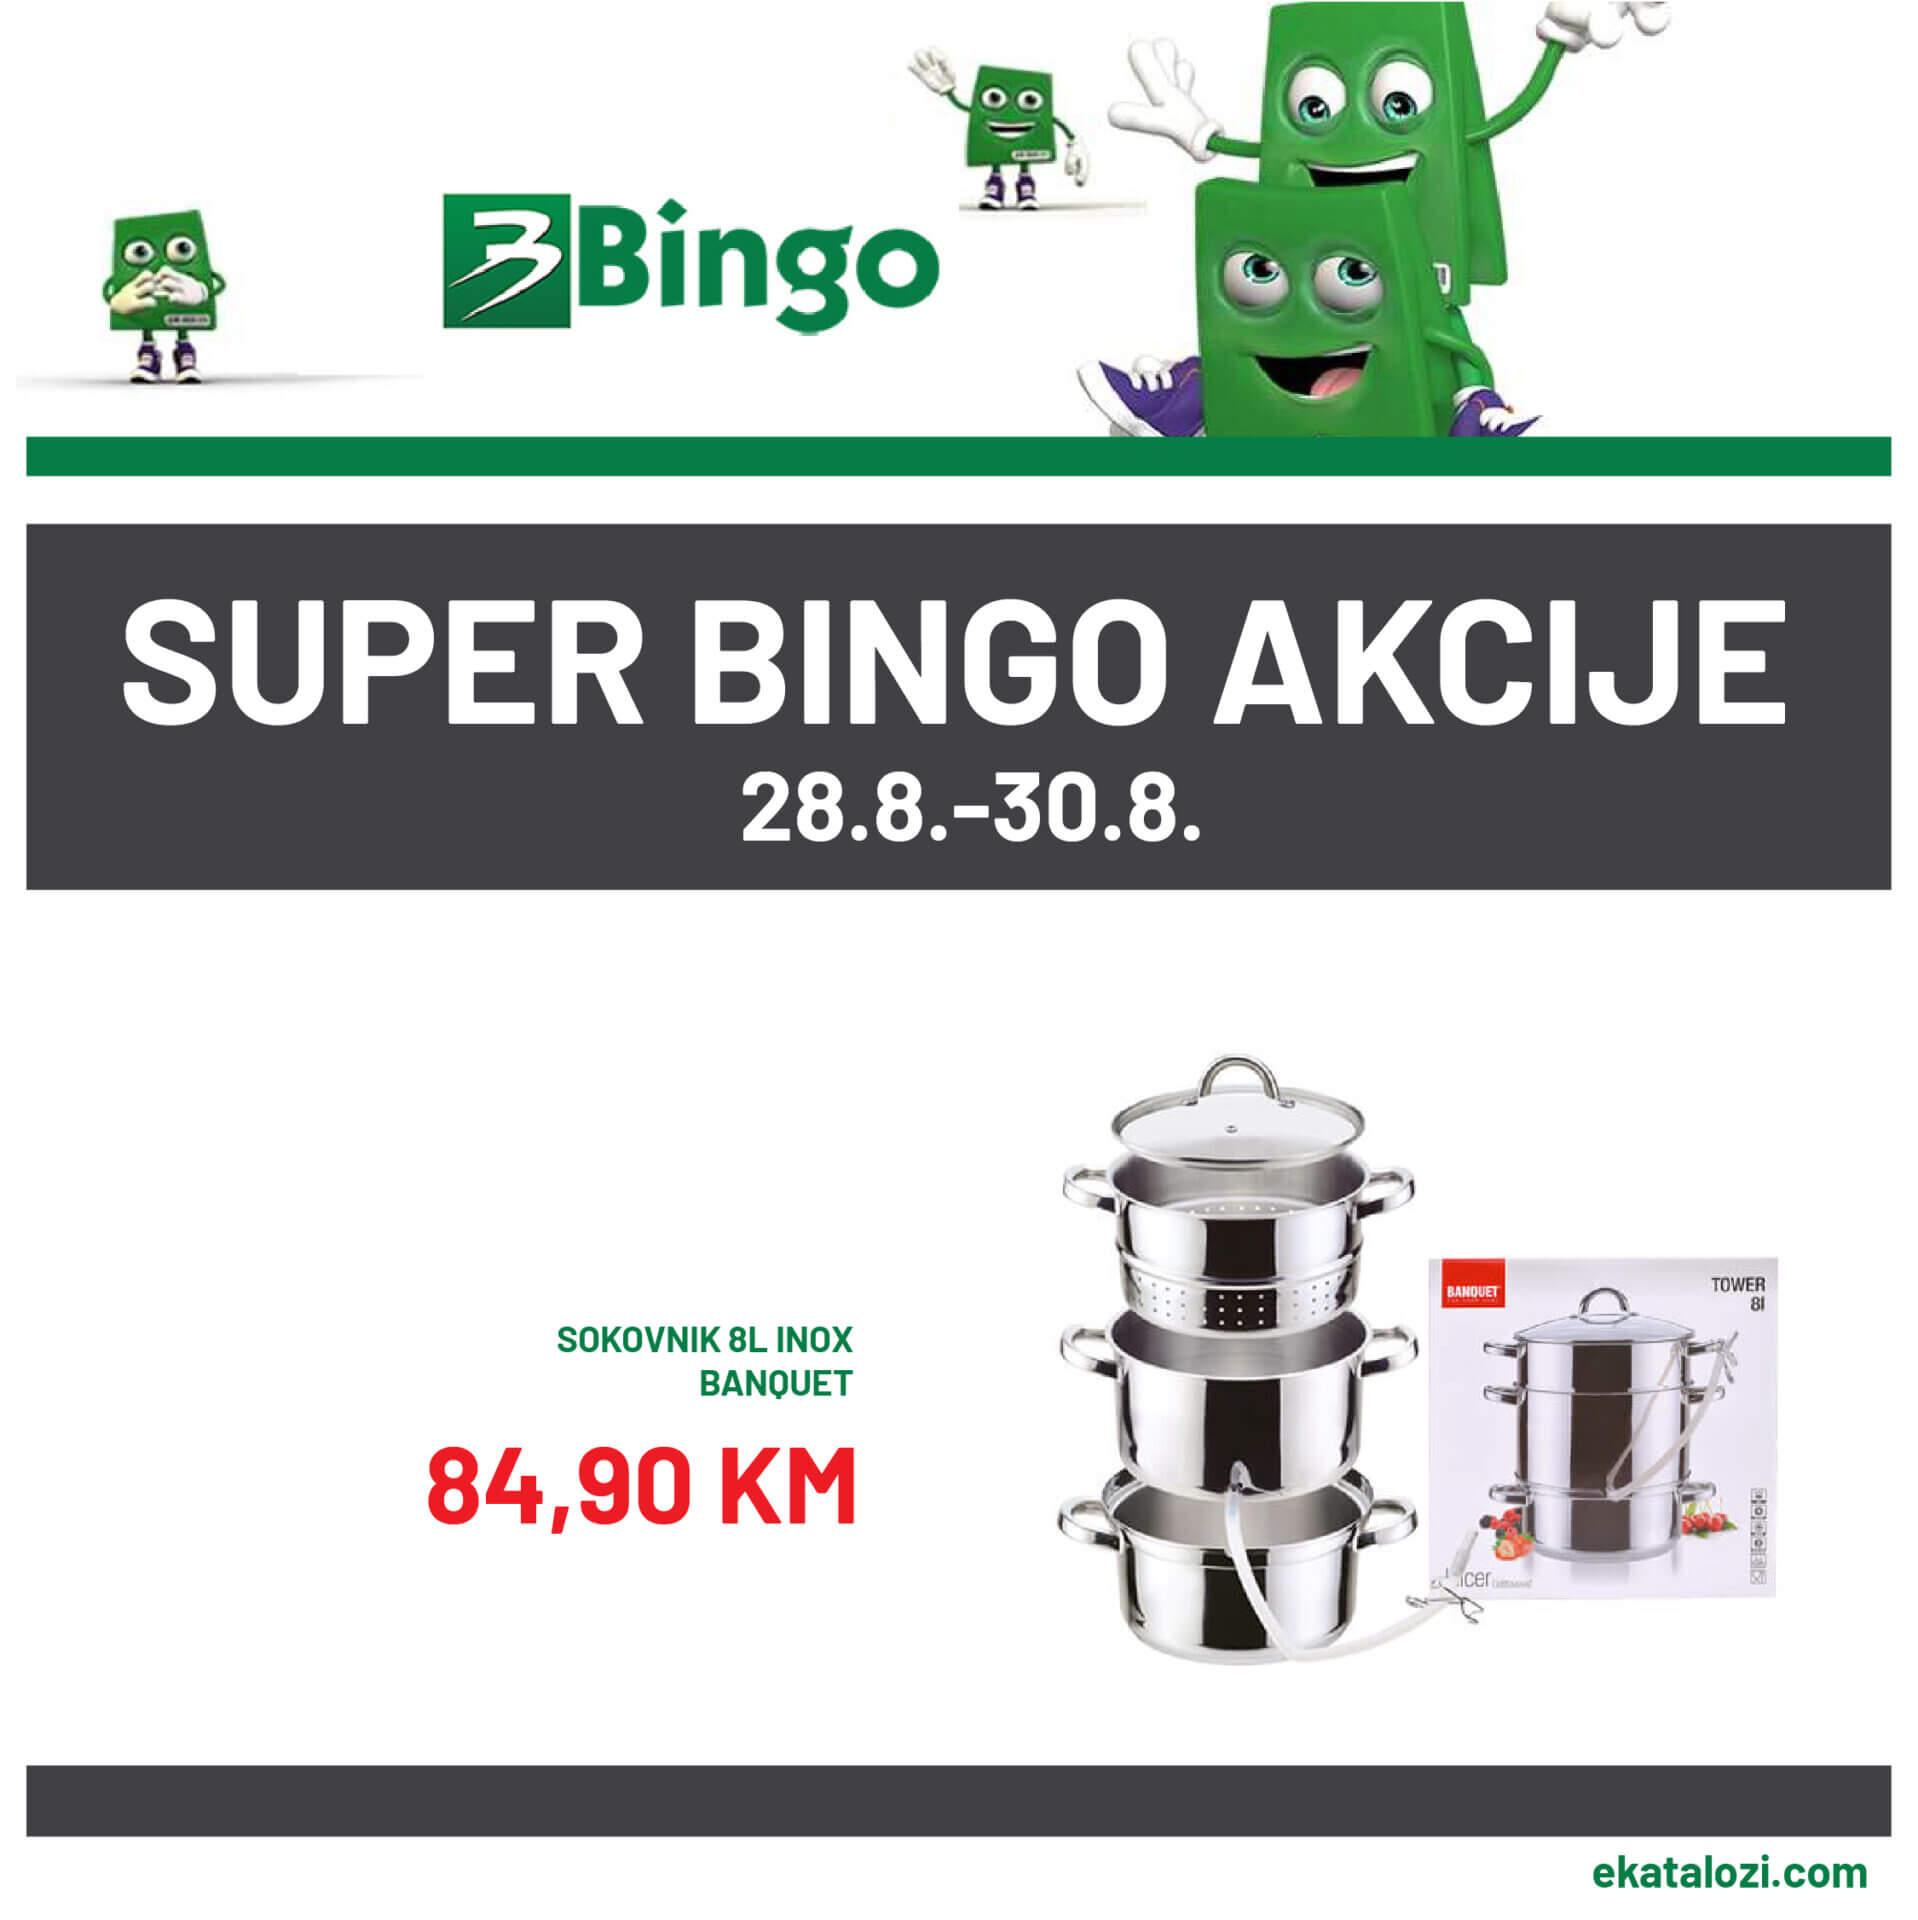 BINGO Super akcija AVGUST 2021 28.8.2021. 30.8.2021 1 1